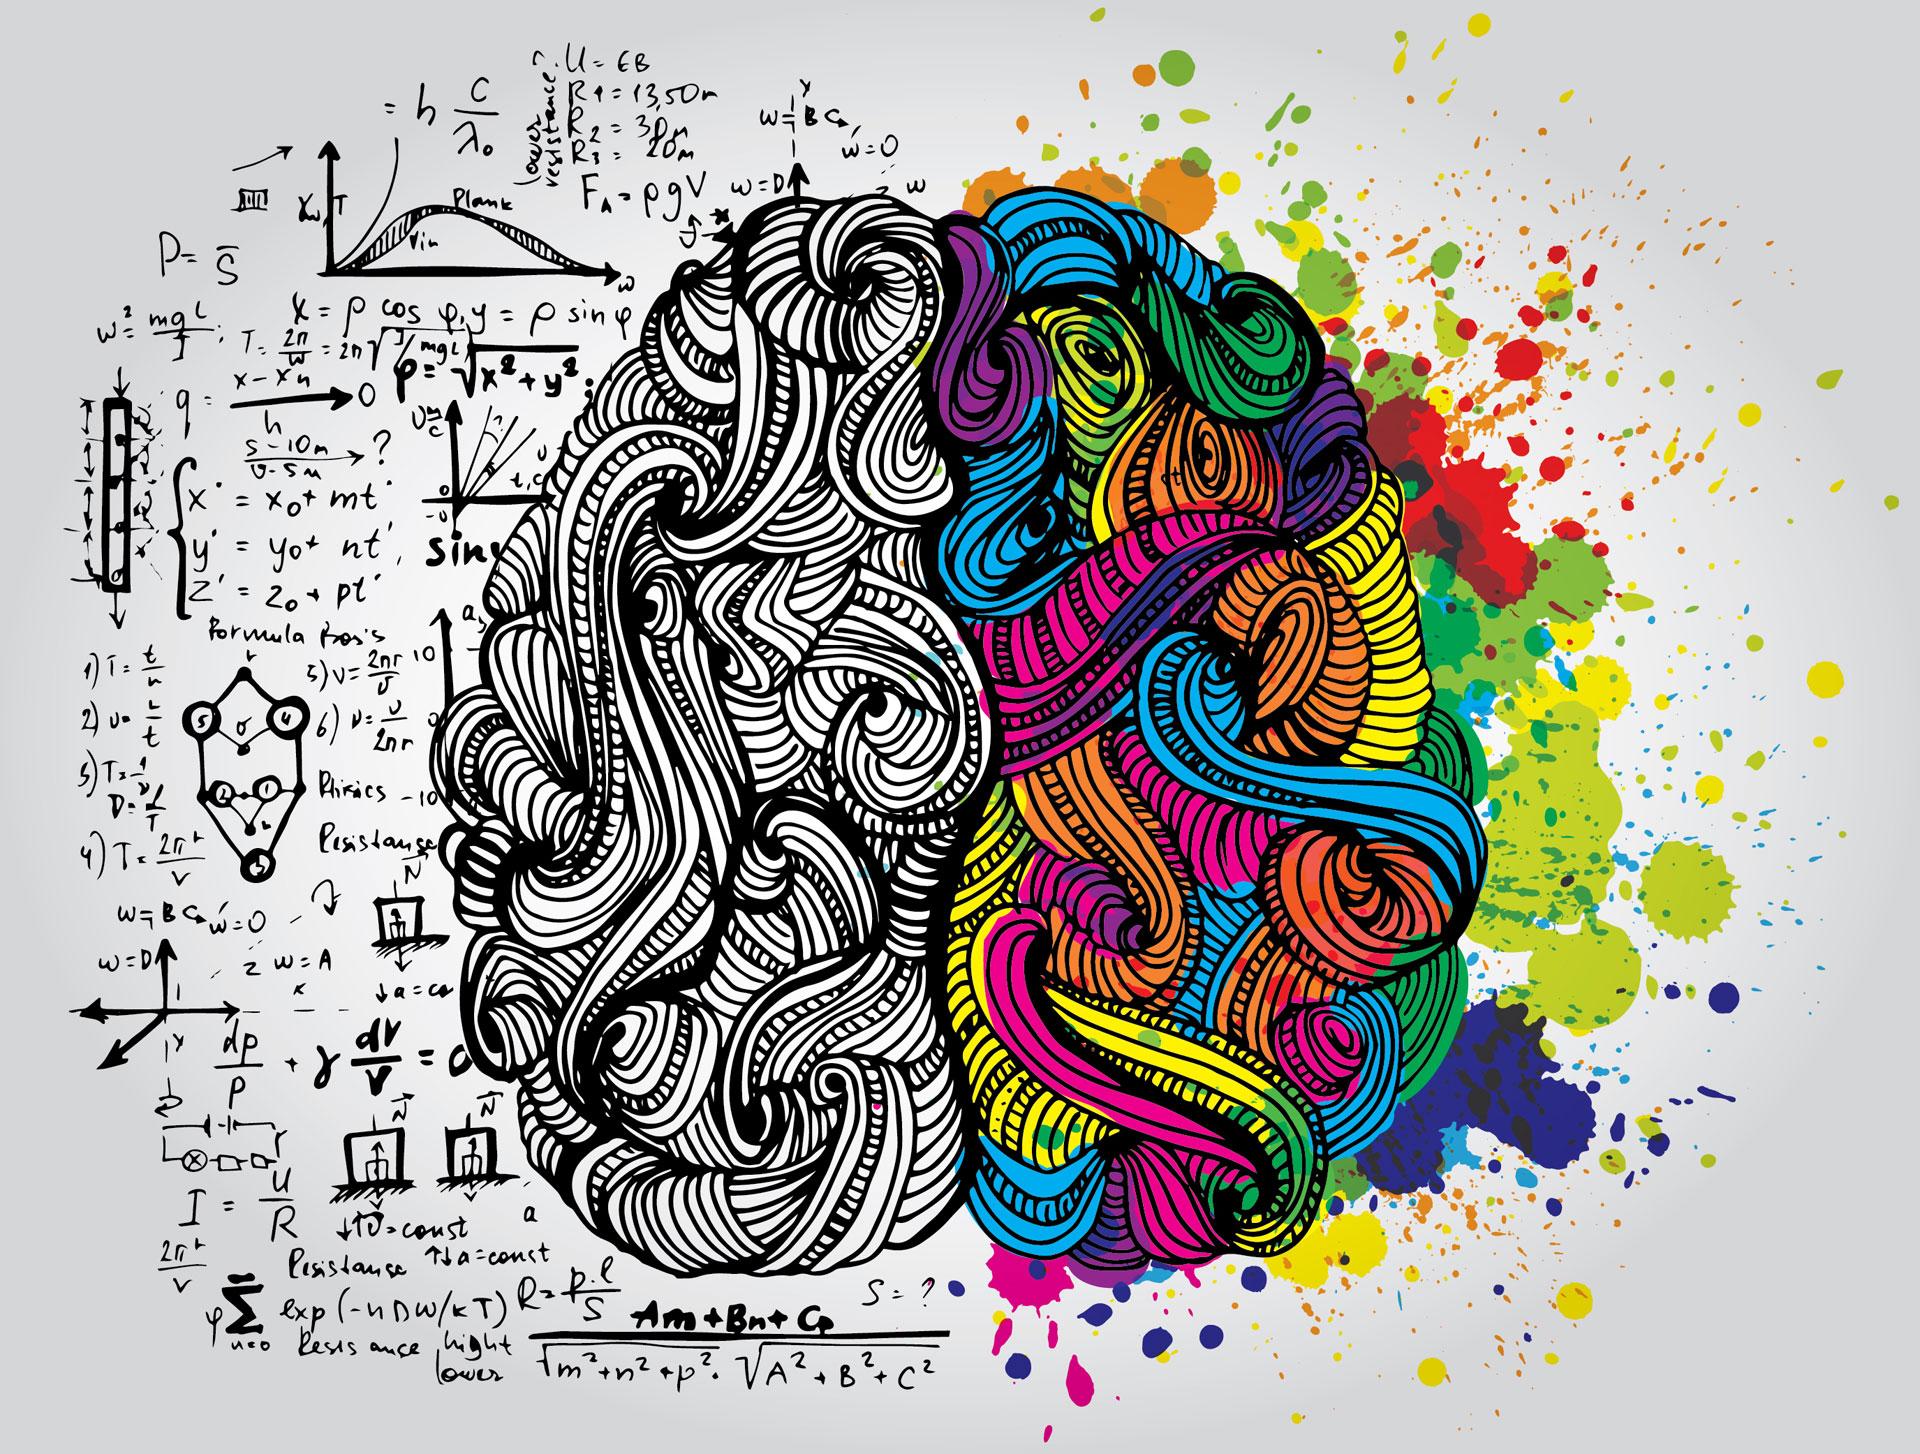 kodėl mokėti valdyti savo jausmus svarbiau nei IQ